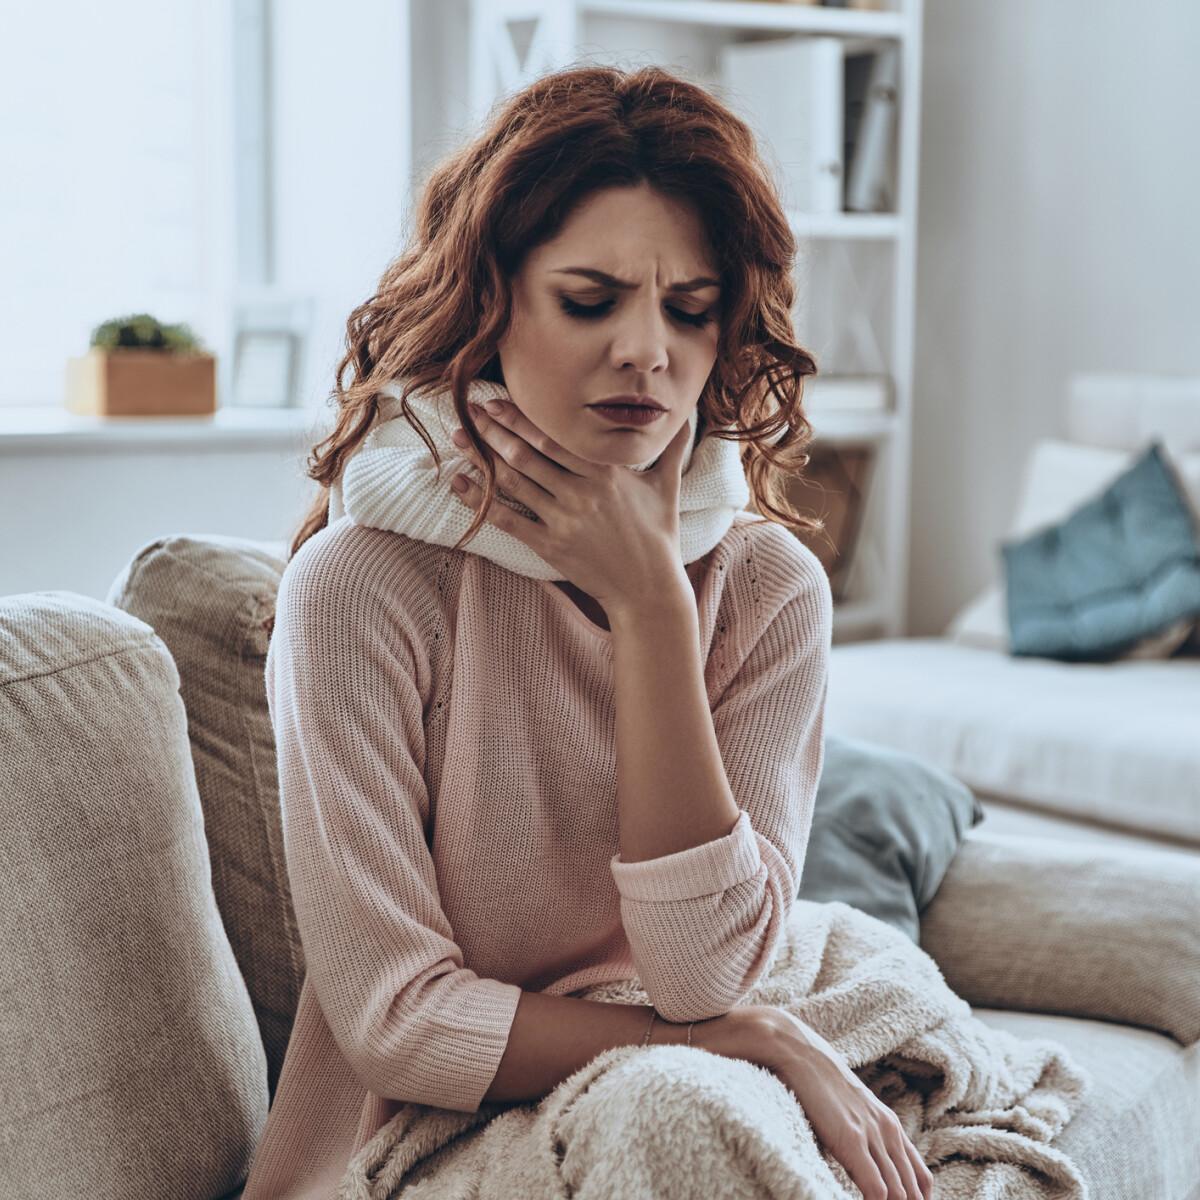 Öt hasznos tipp a mandulagyulladás otthoni kezelésére